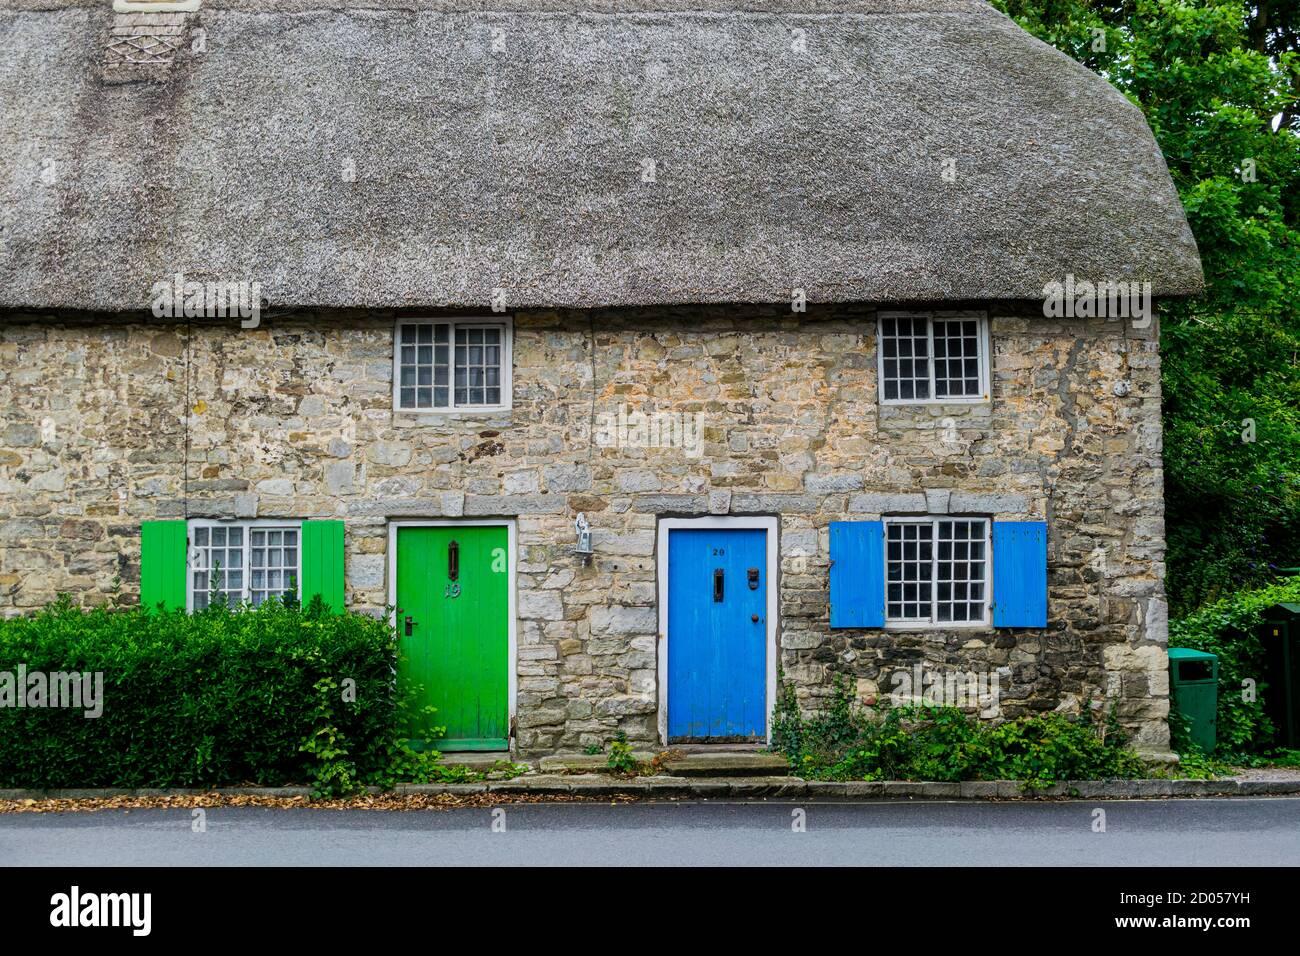 West Lulworth, Royaume-Uni - 19 juillet 2020: Belle maison de campagne en chaume avec portes et volets bleus et verts, couleur Dorset unique Banque D'Images